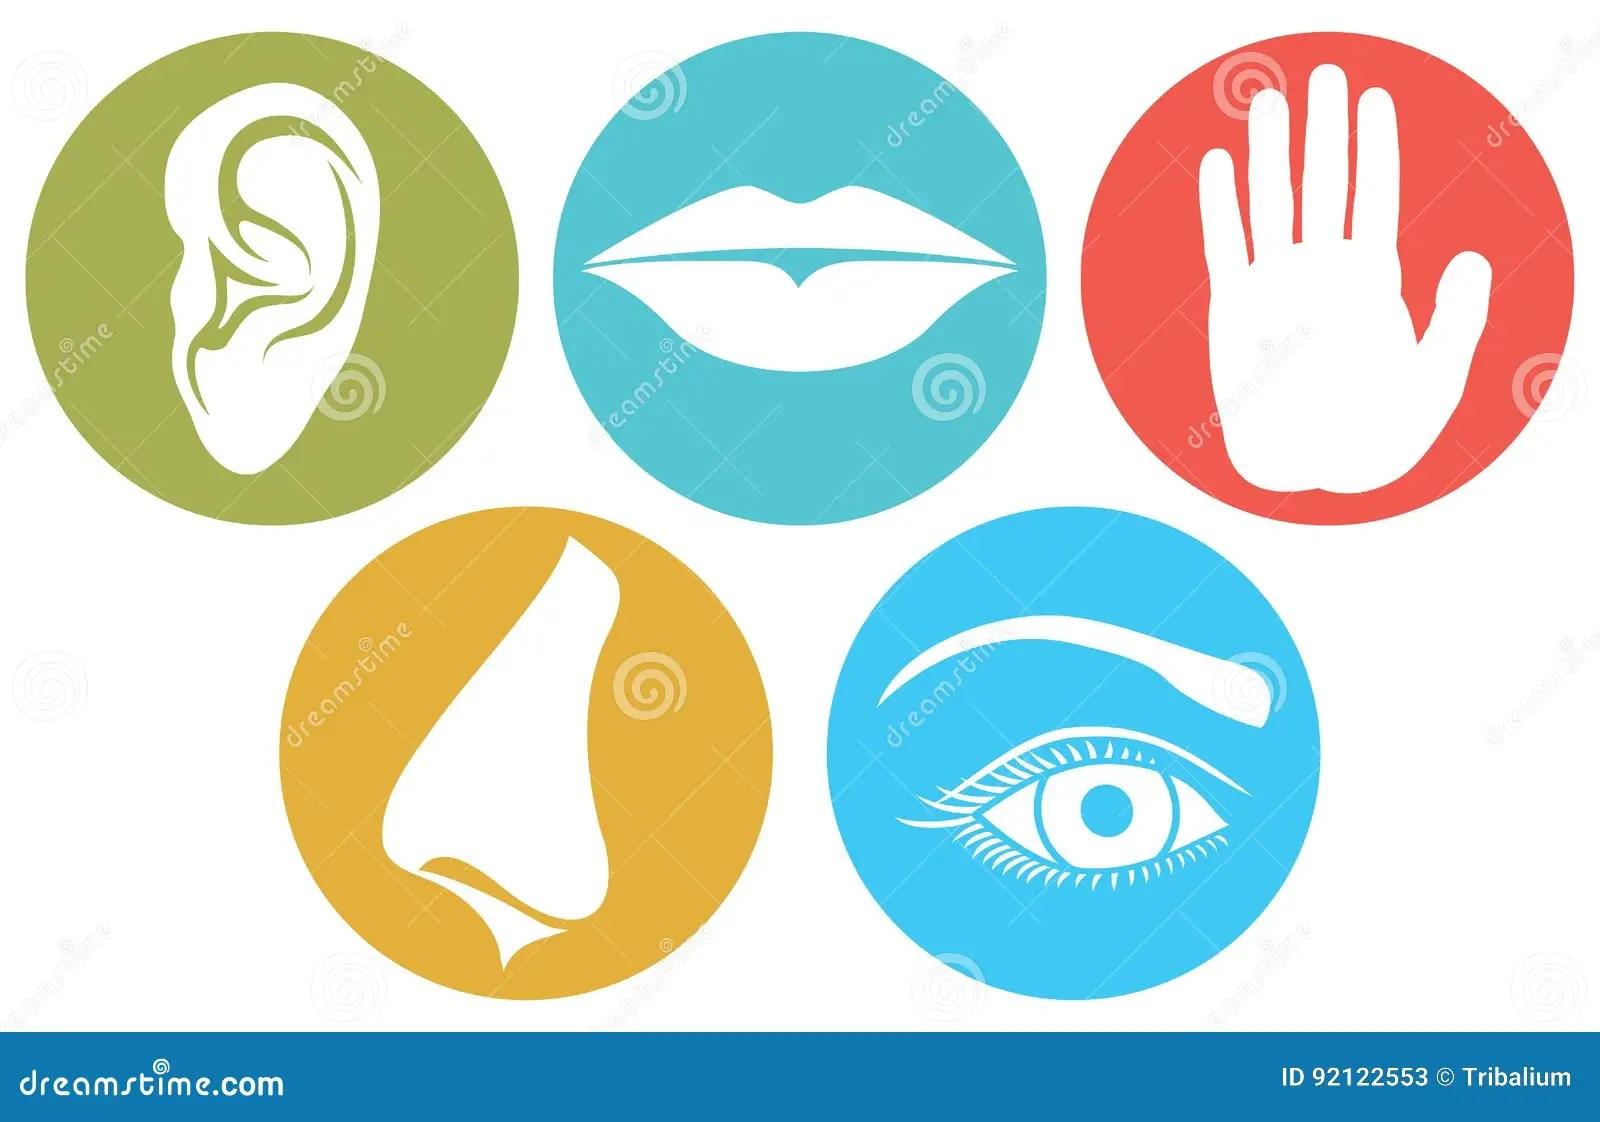 Five Senses Symbols Five Senses Vector Illustration Stock